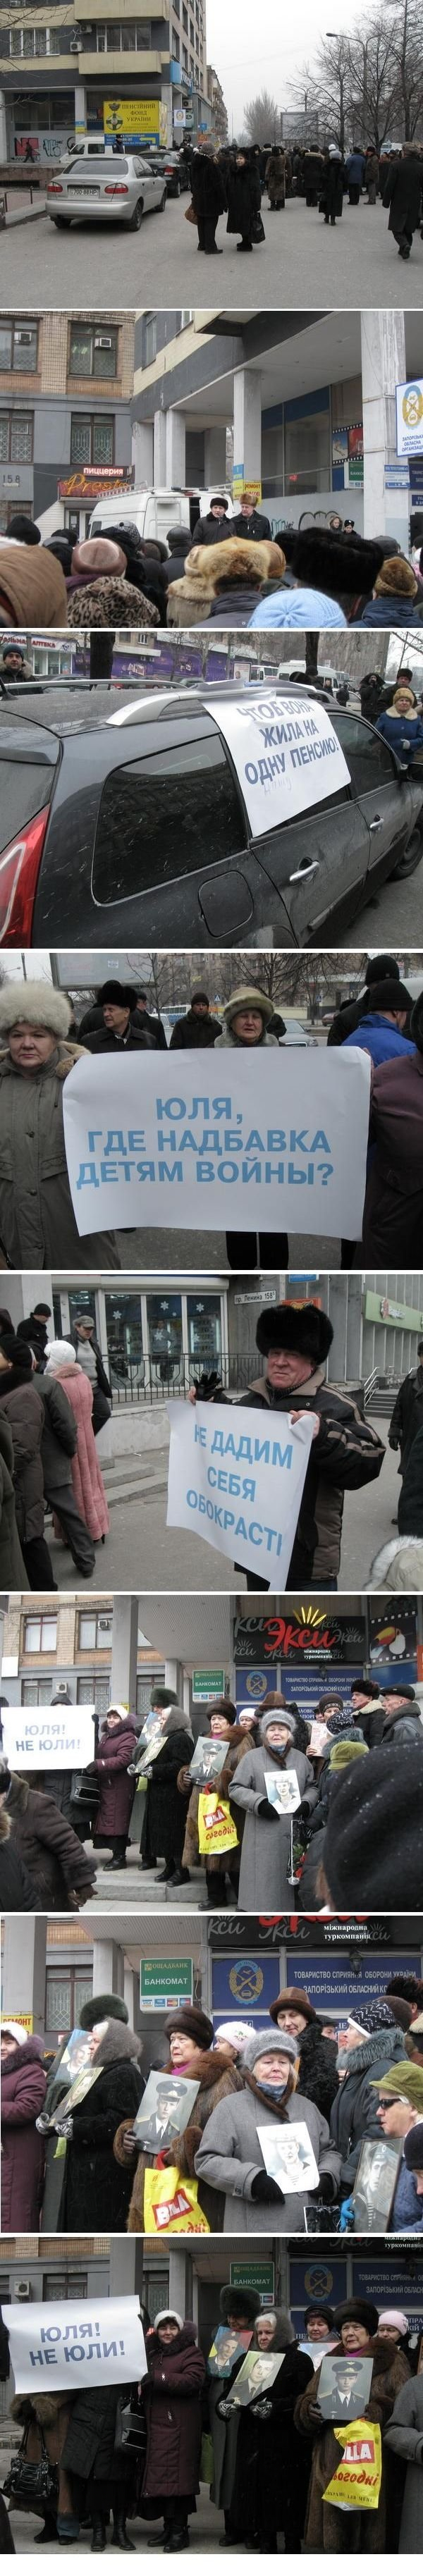 В Запорожье пенсионеры митинговали и задавали риторические вопросы (ФОТО), фото-1